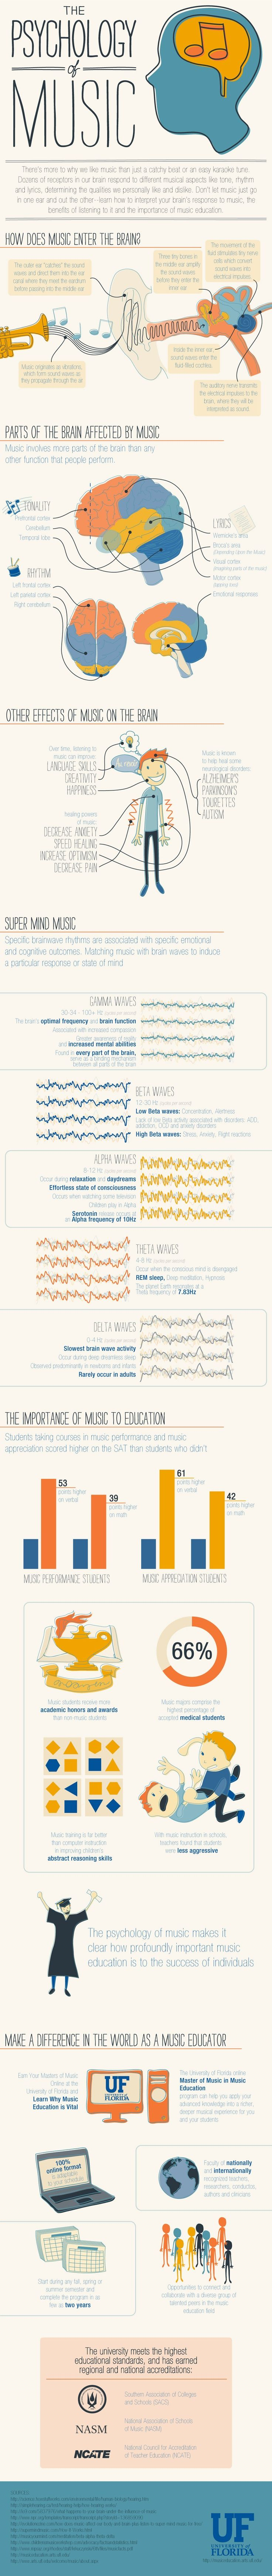 ¿Qué impacto tiene la música en el cerebro? #KeepCurious #KeepCreative #Brain